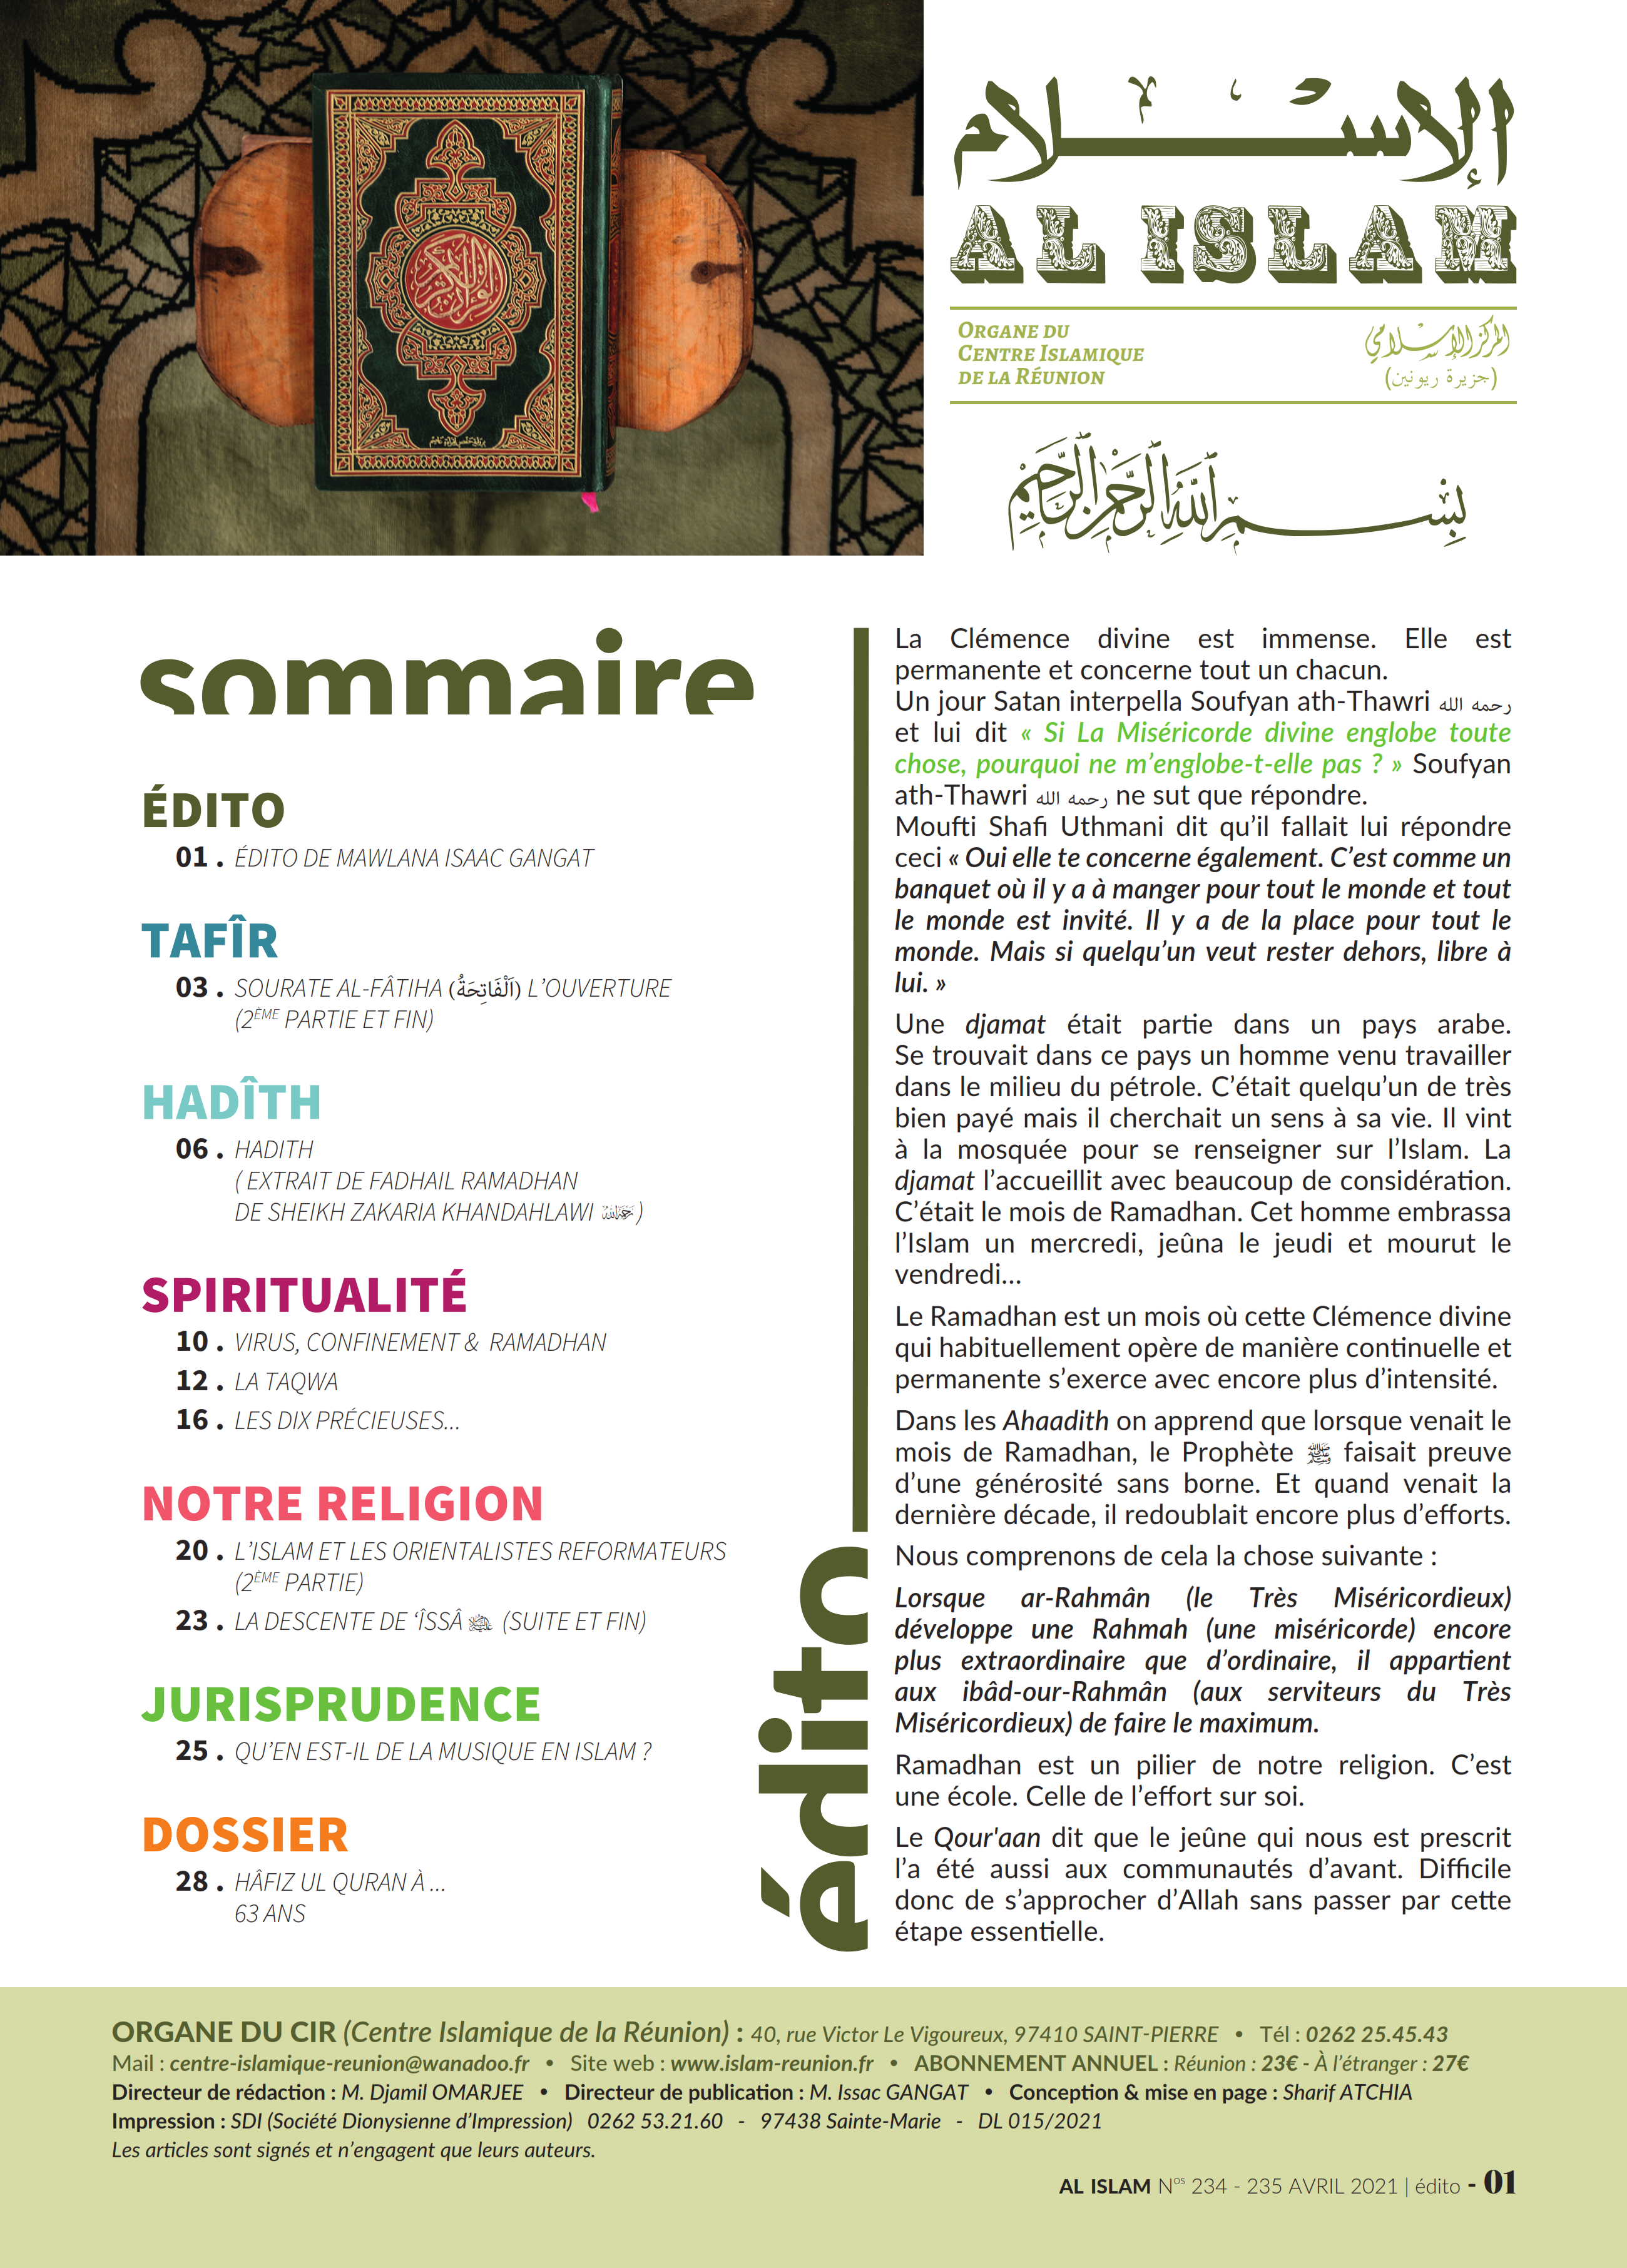 AL ISLAM_234-235_003